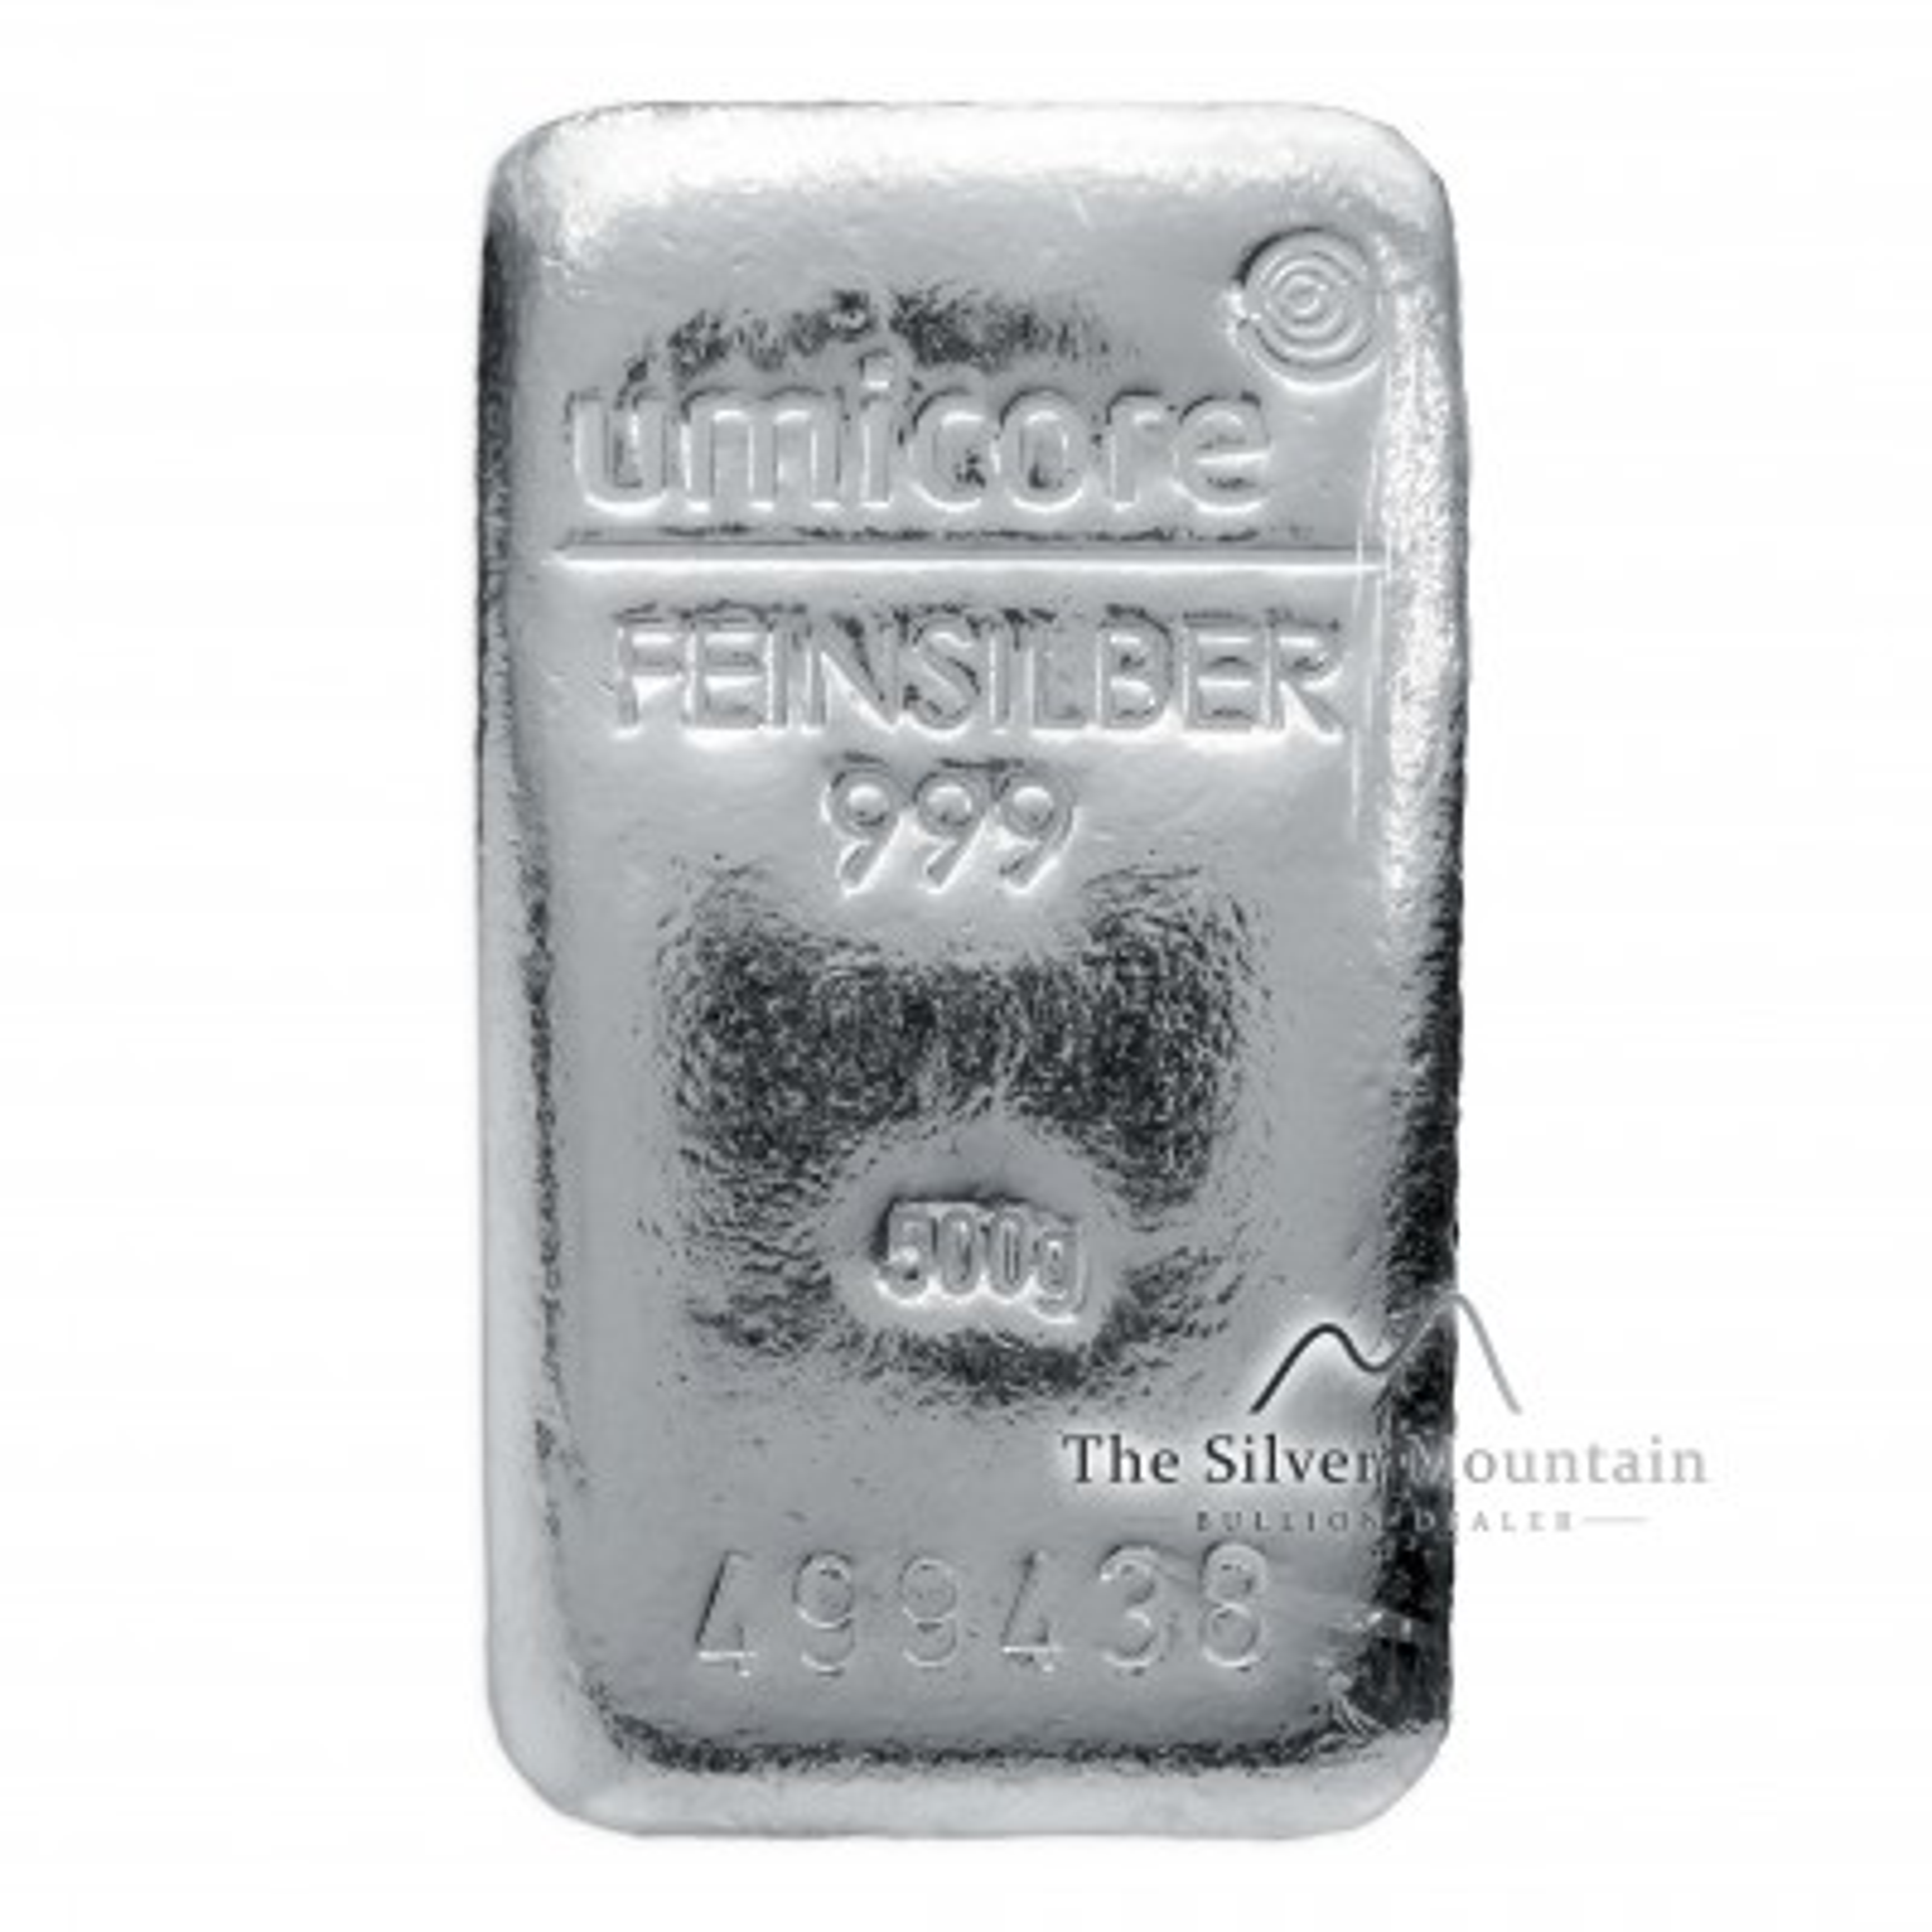 500 grams silver bar